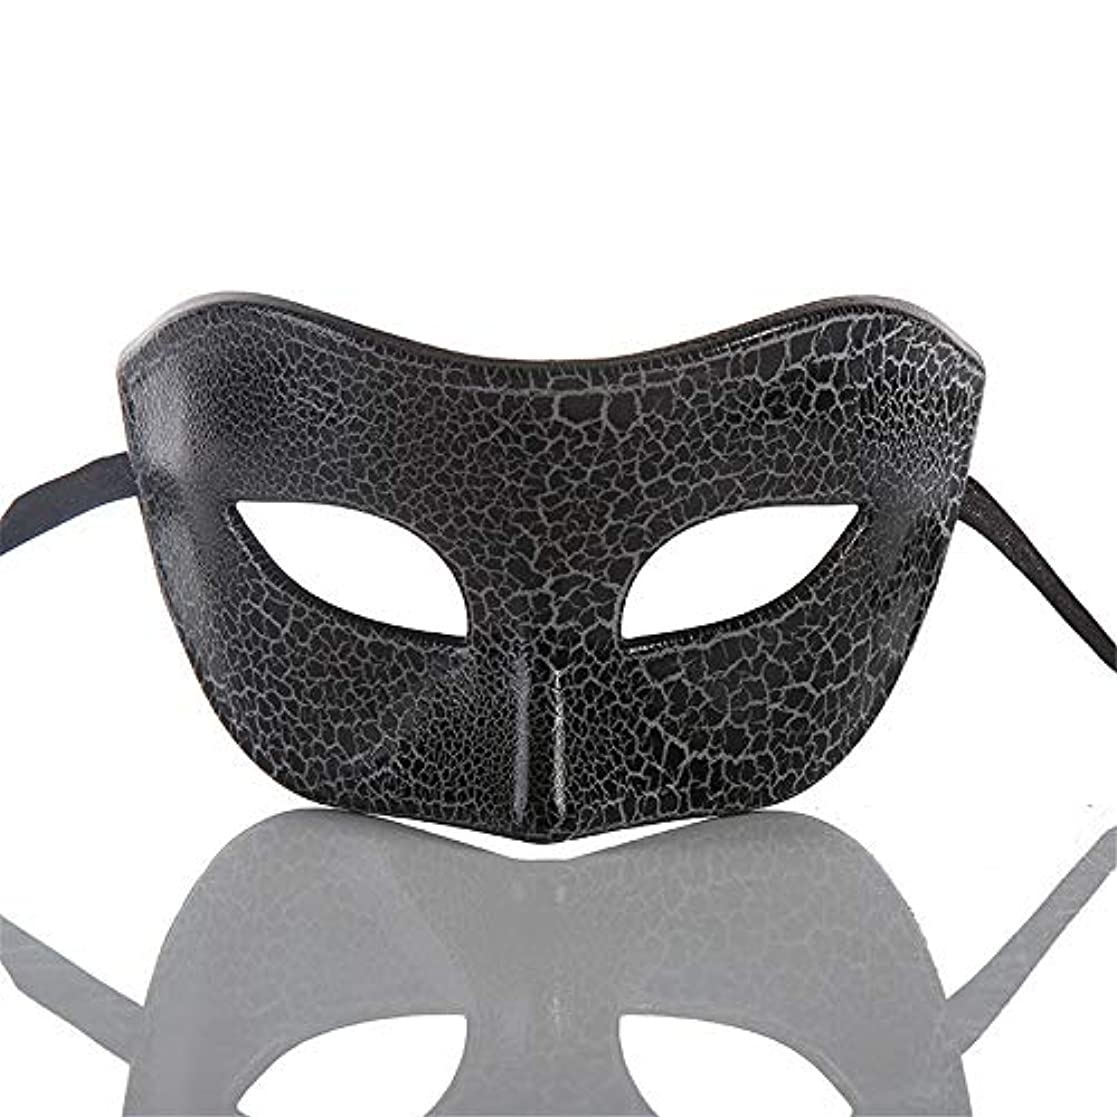 受け継ぐプロフェッショナル連邦ダンスマスク ハーフマスク新しいハロウィーンマスク仮装レトロコスプレメイクナイトクラブマスク雰囲気クリスマスお祝いプラスチックマスク ホリデーパーティー用品 (色 : ブラック, サイズ : 16.5x8cm)